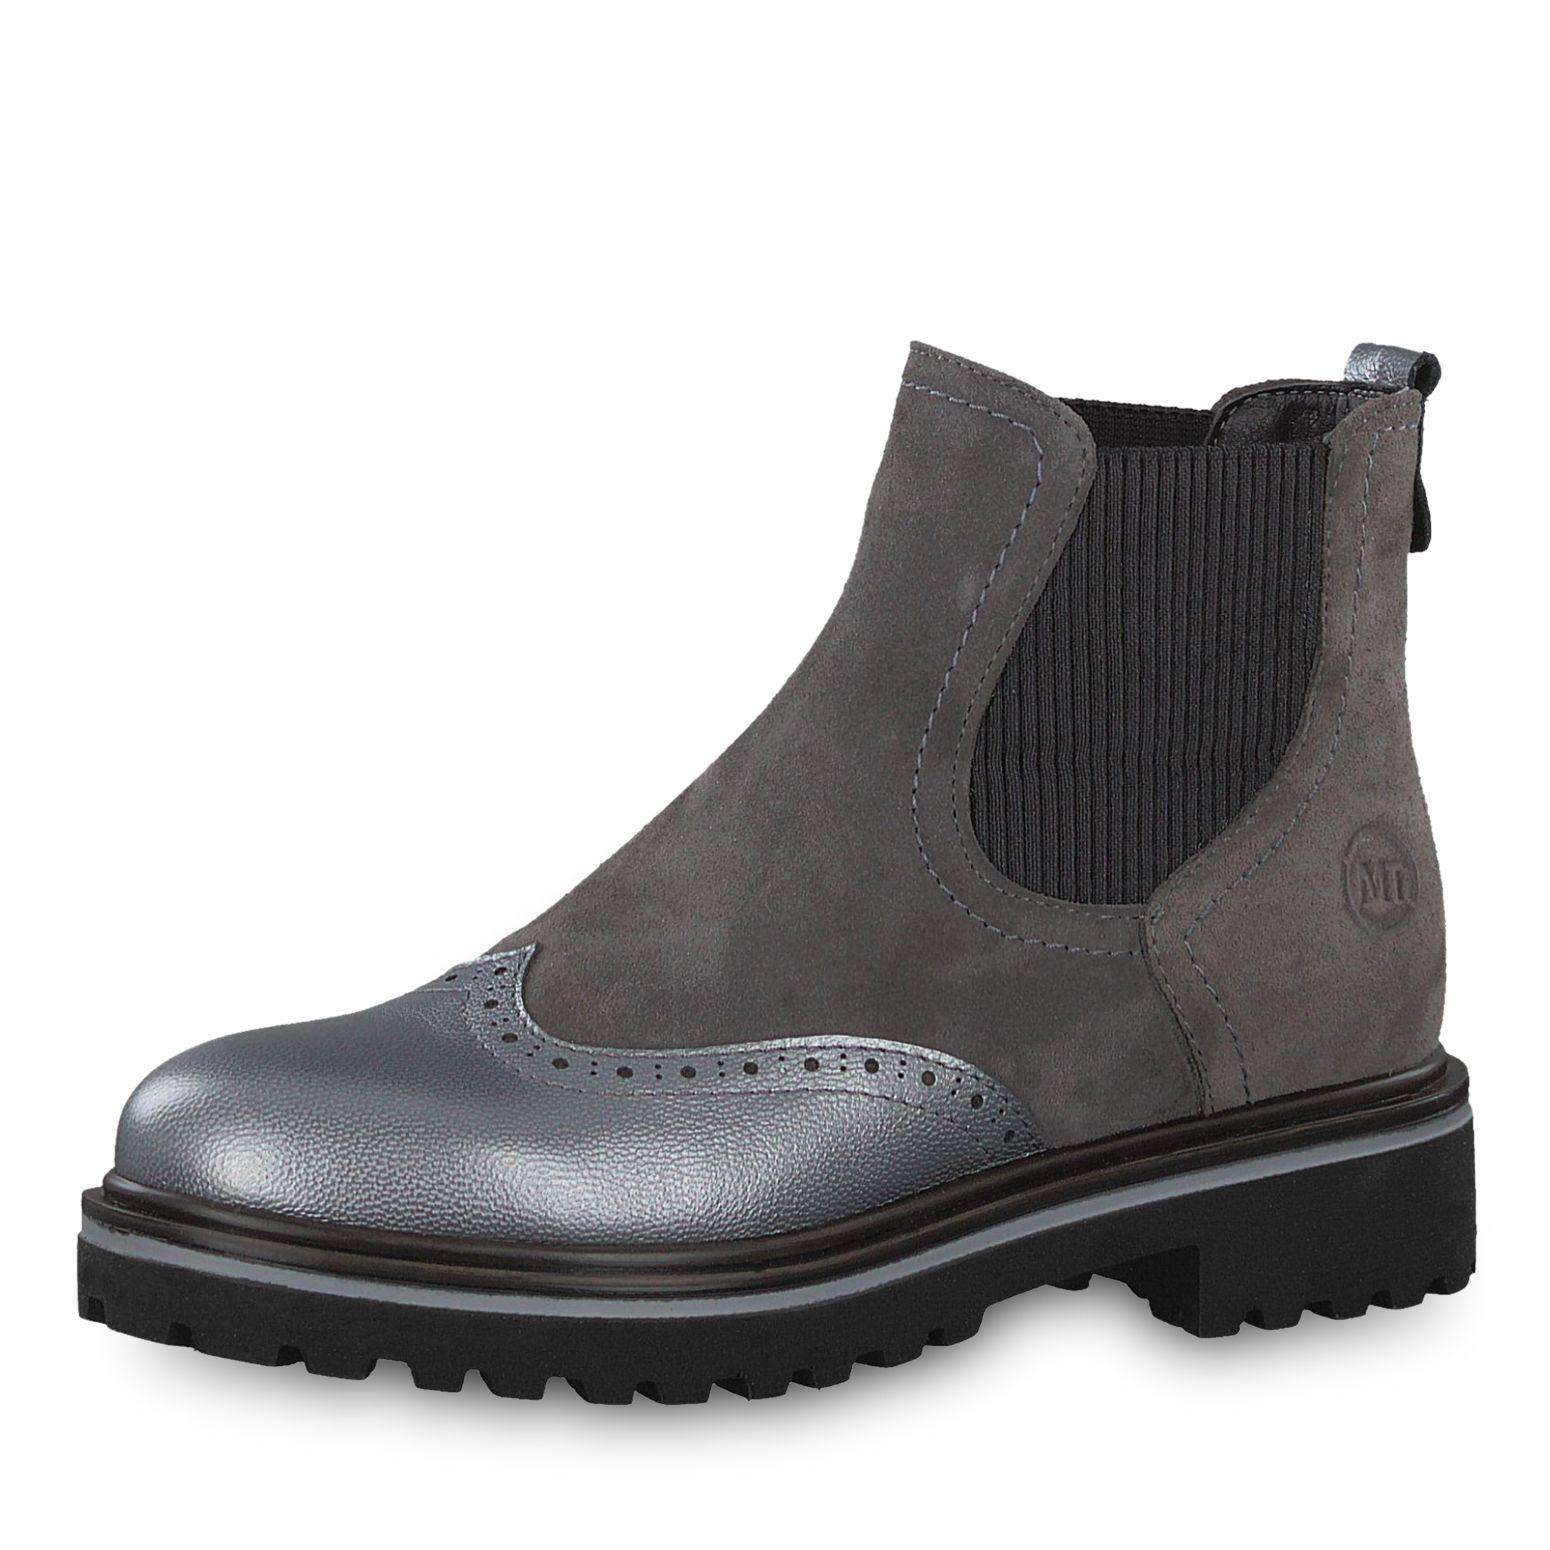 Damen Stiefeletten Schuhe Chelsea Stretch Boots Grau 37 xG3Nm